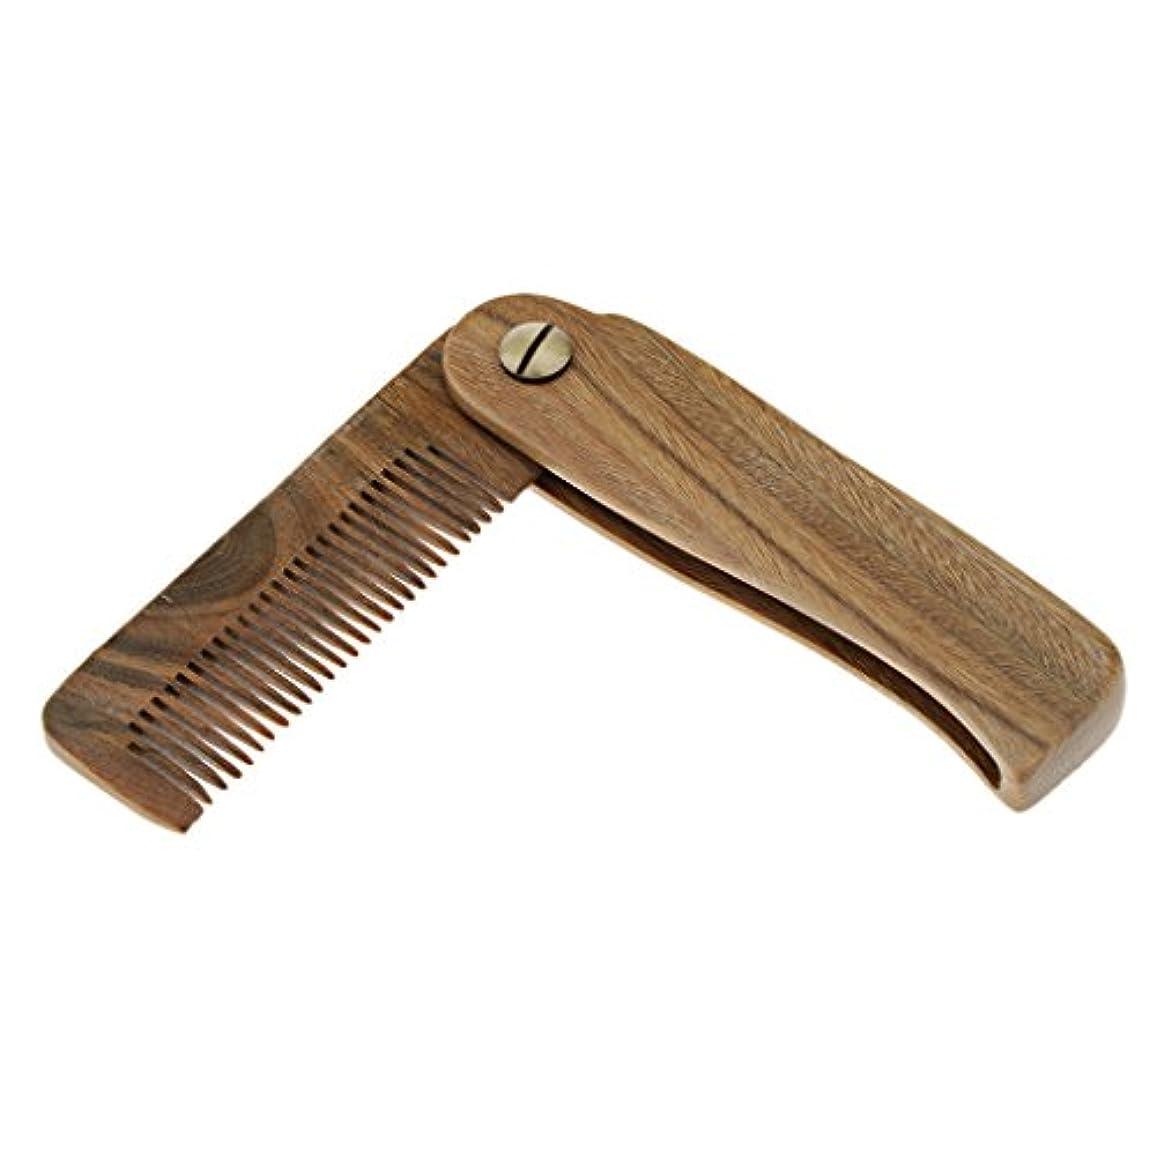 硫黄で出来ているアナロジーCUTICATE 木製櫛 ヘアブラシ ヘアコーム 櫛 ひげ櫛 くし 頭皮マッサージ 2タイプ選べる - A